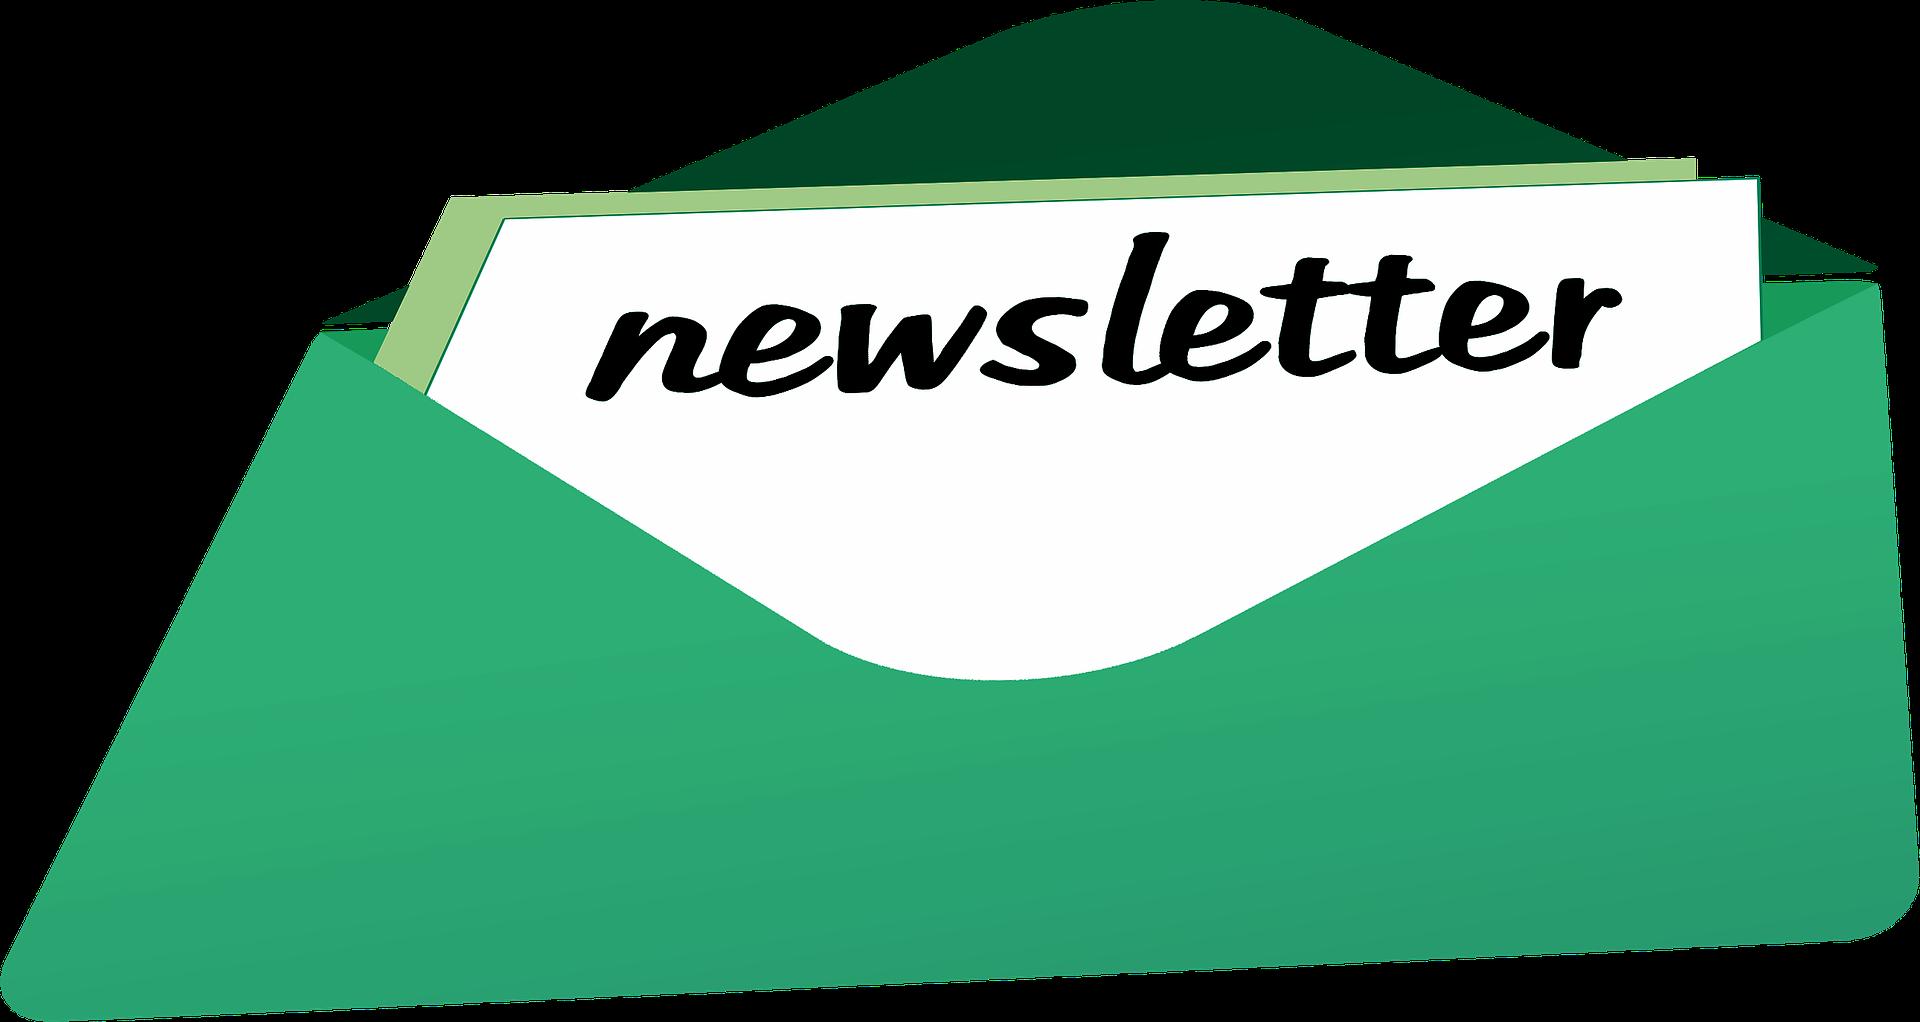 website clipart newsletter